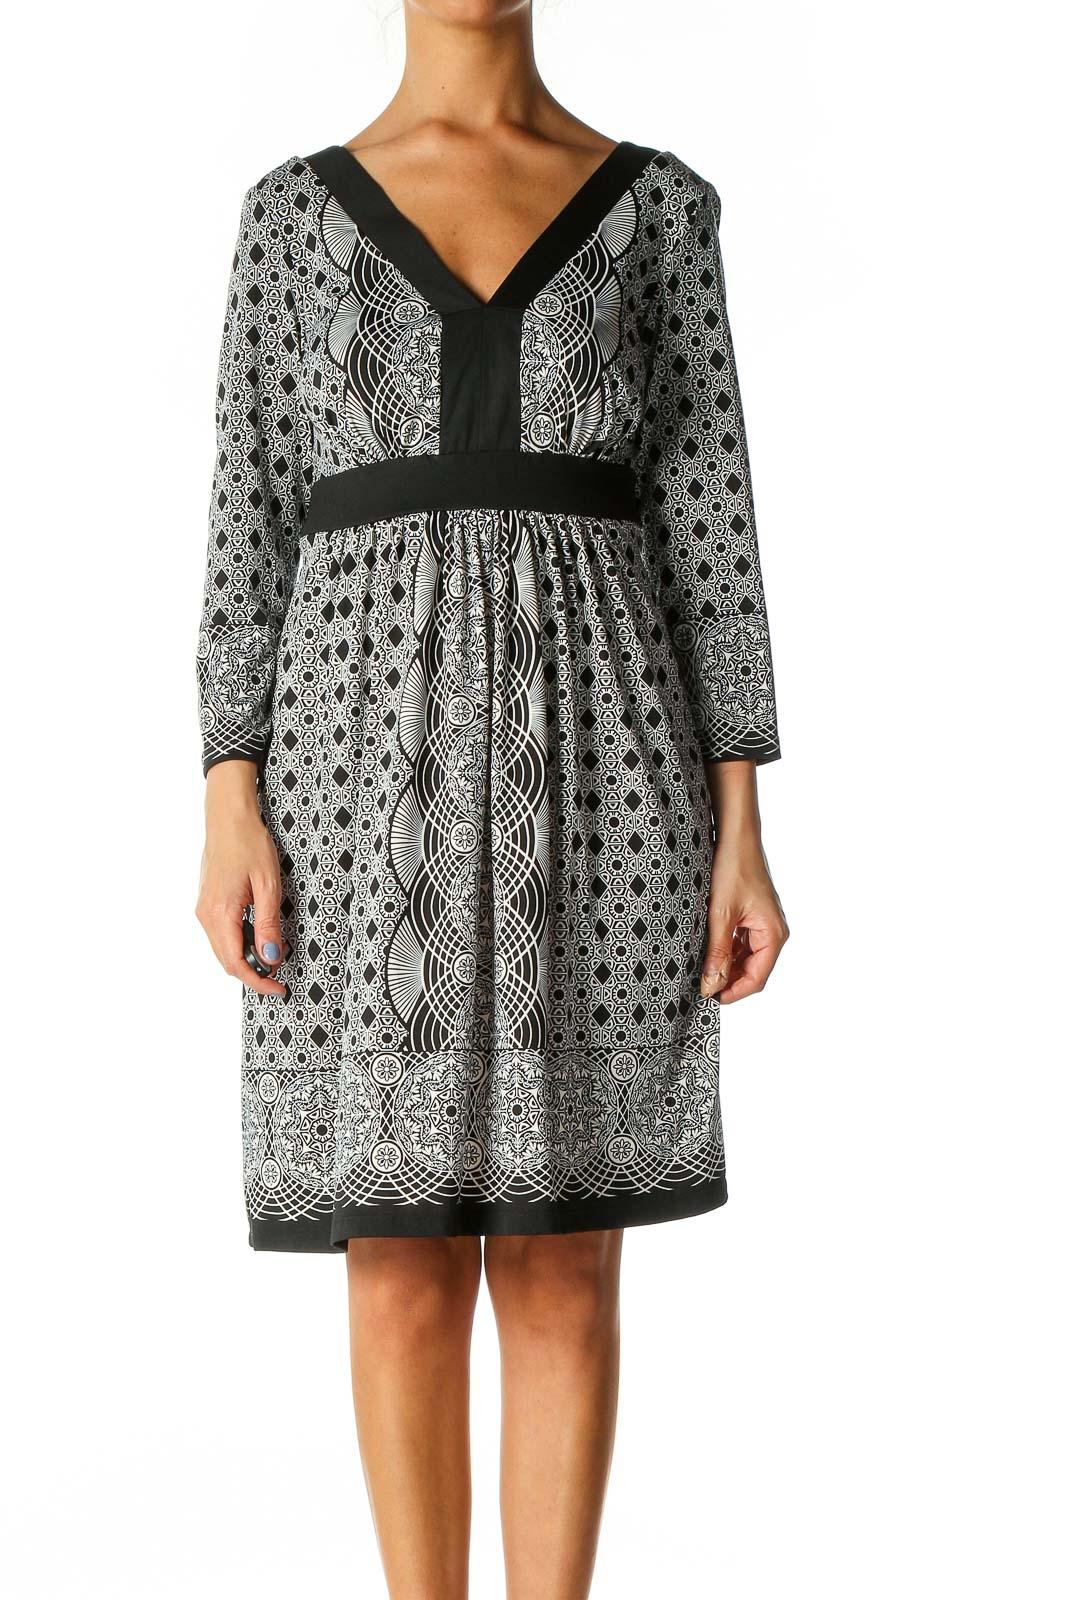 Black Geometric Print Bohemian A-Line Dress Front